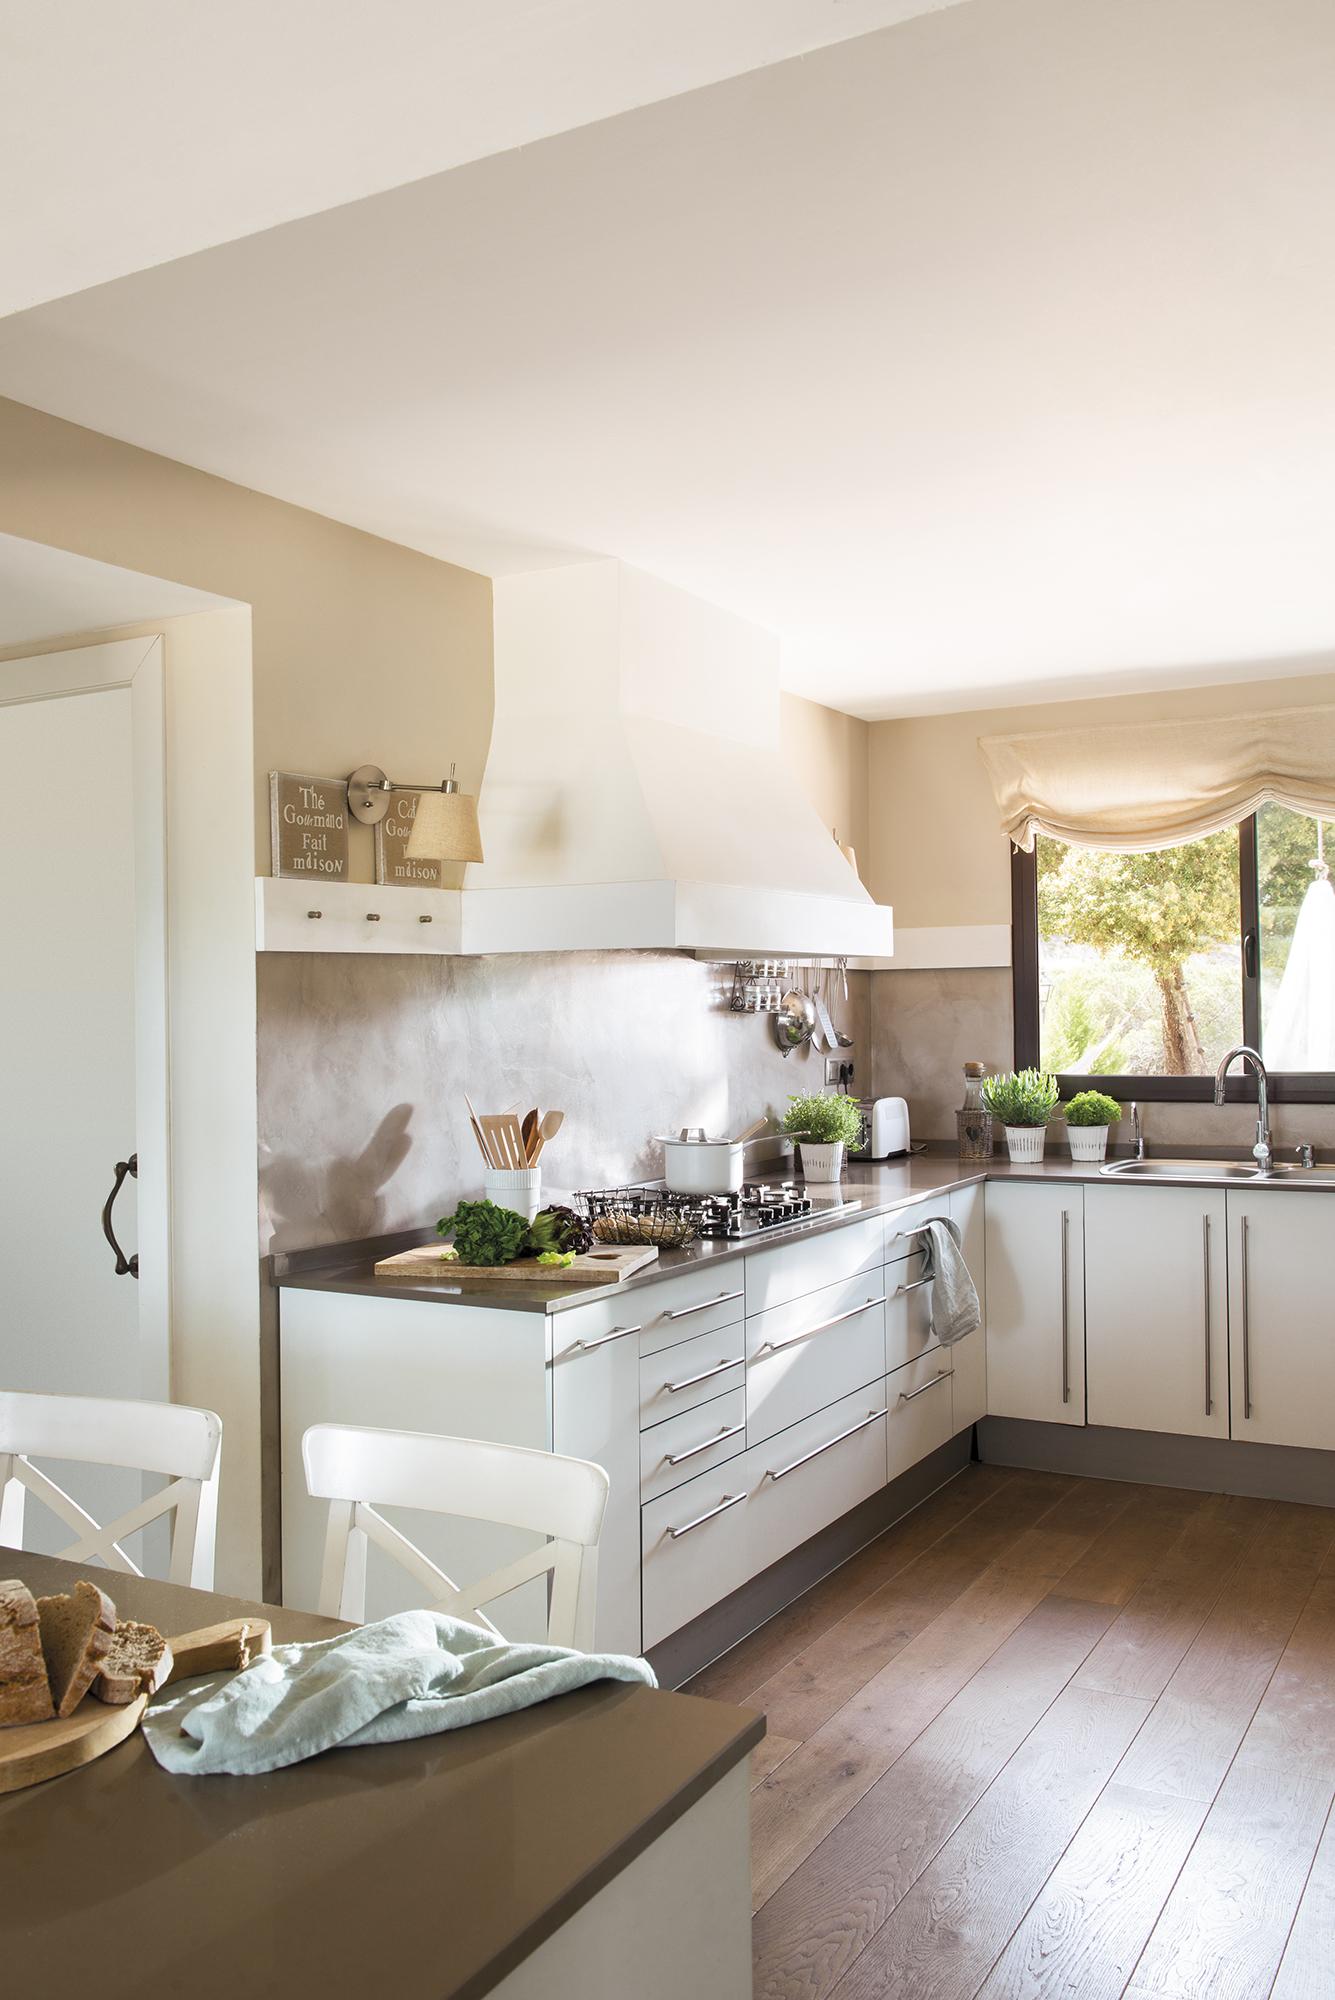 кухня белые фасады плита вытяжка окно мойка смеситель